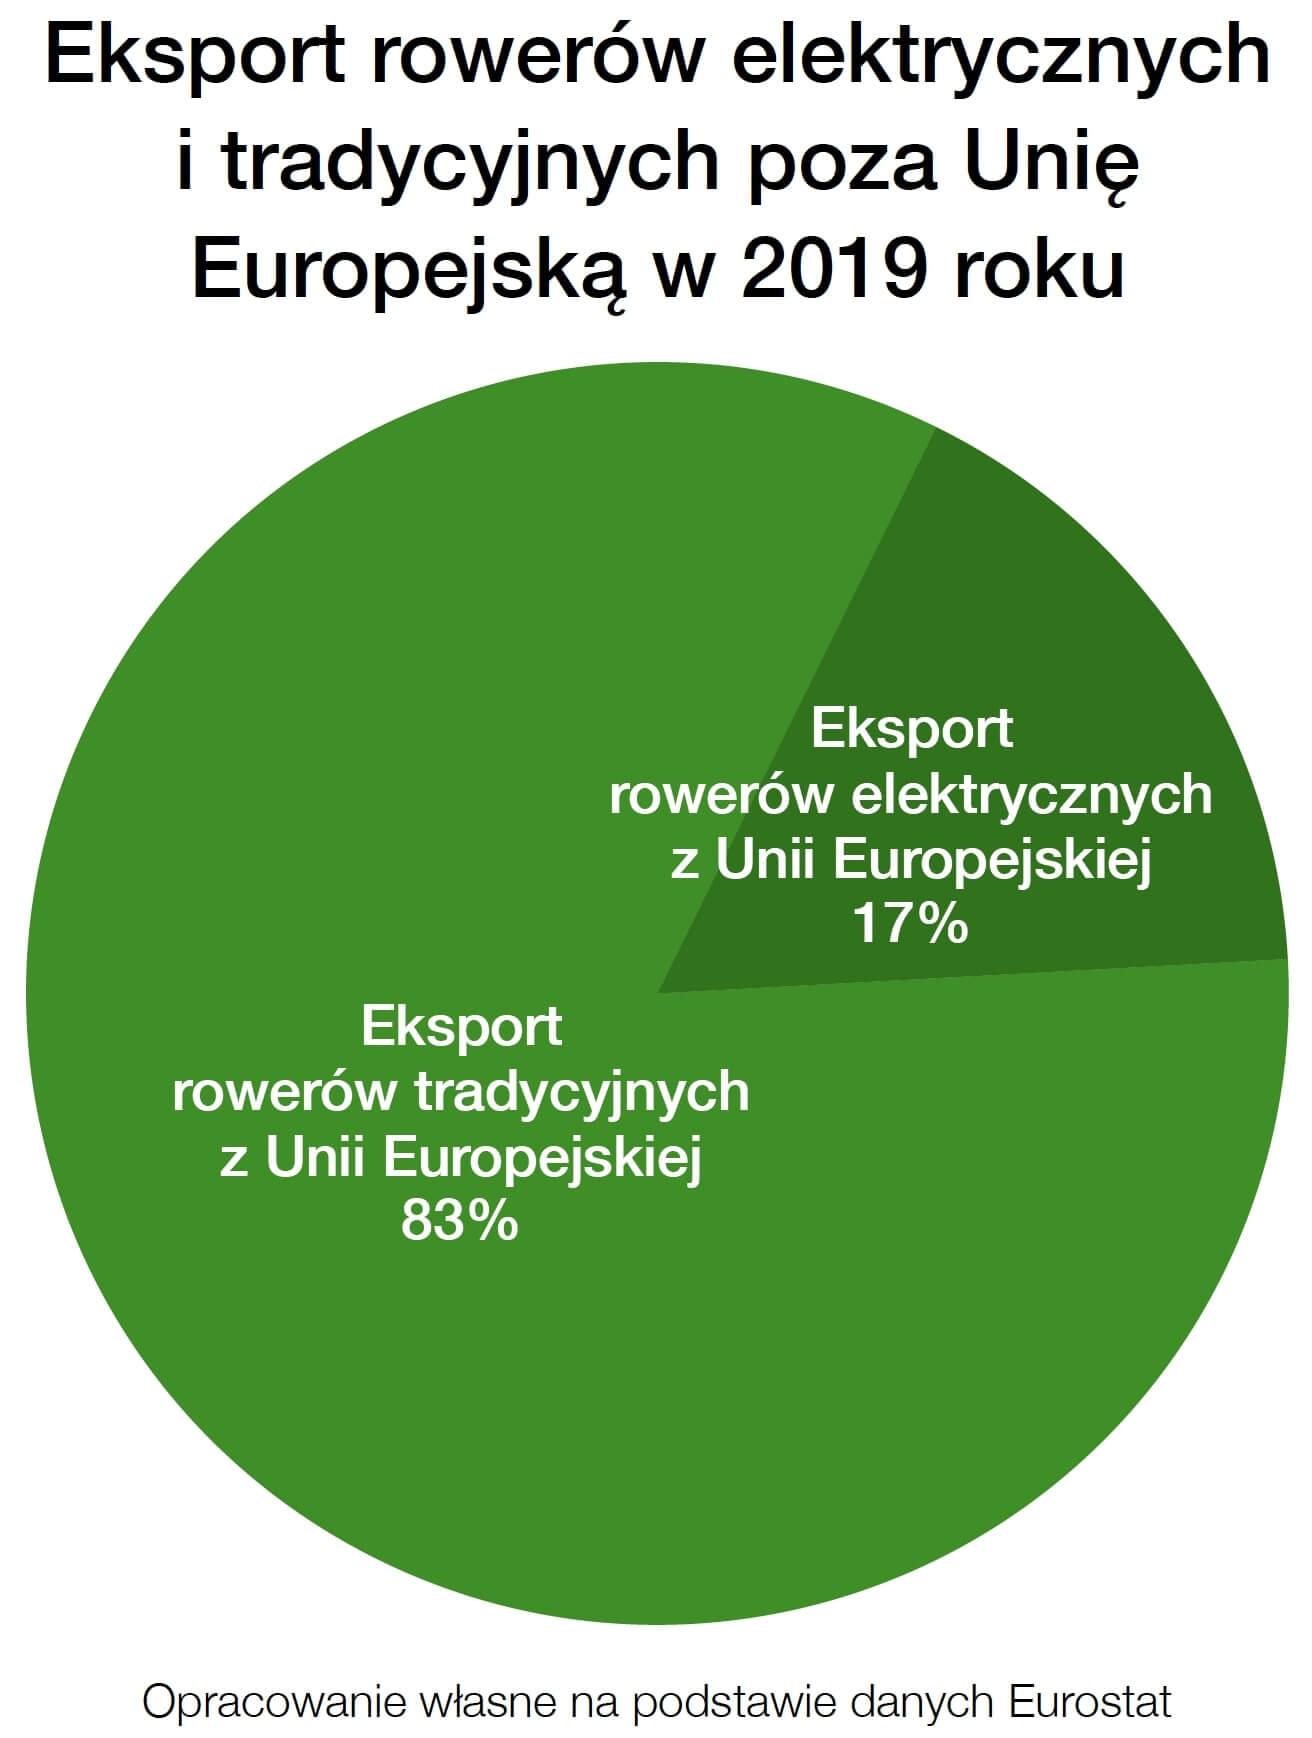 Rynek Rowerów Elektrycznych Eksport poza UE 2019